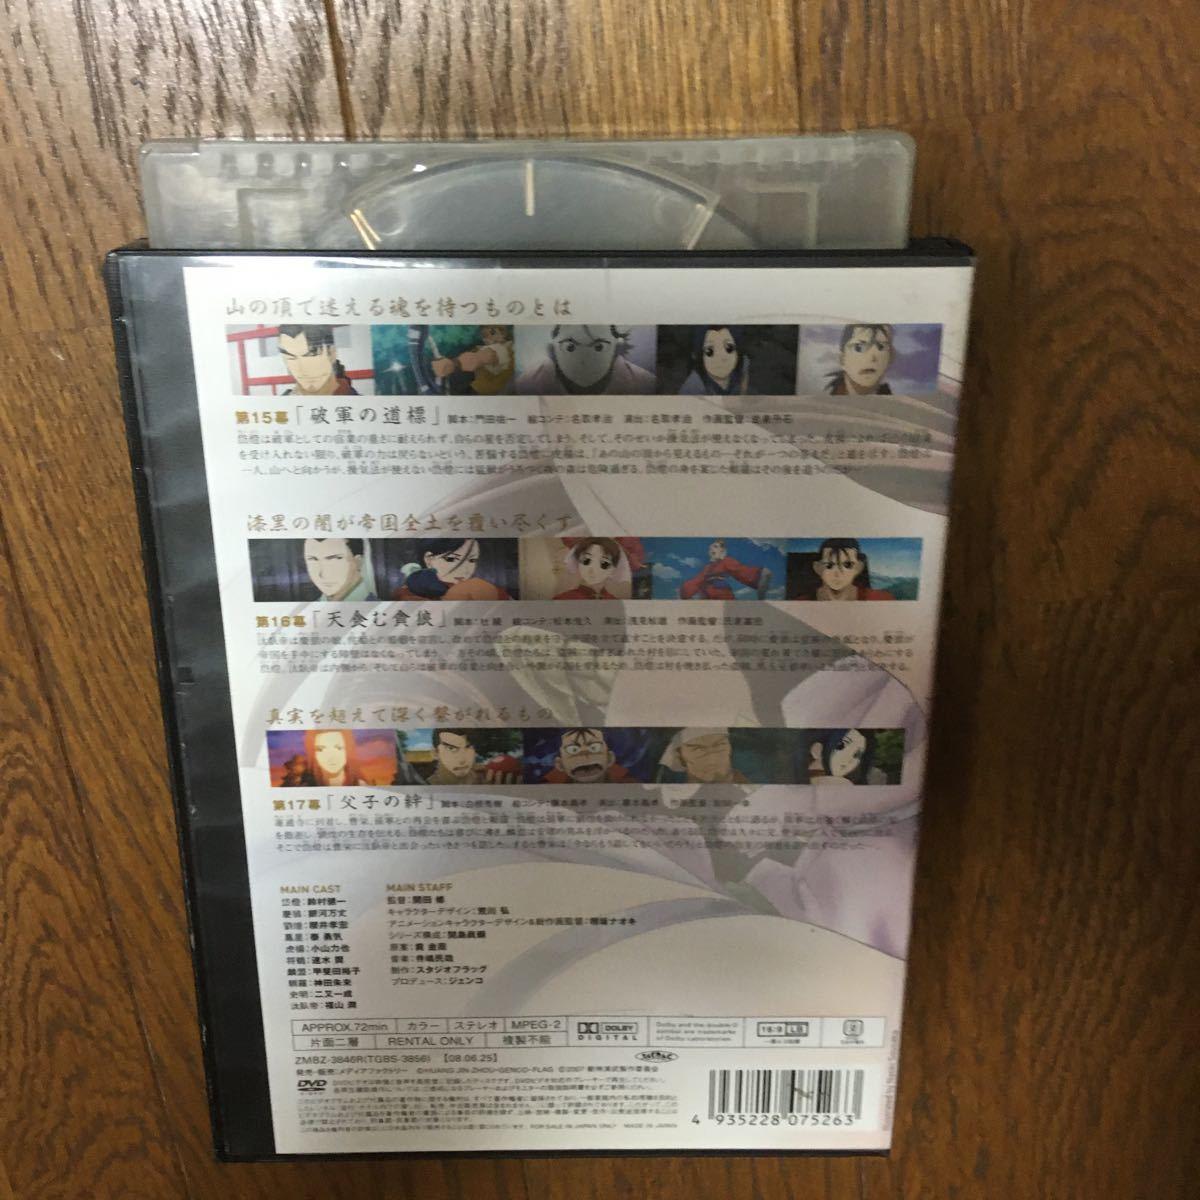 【中古】獣神演武 第六巻 レンタルUP品 DVD